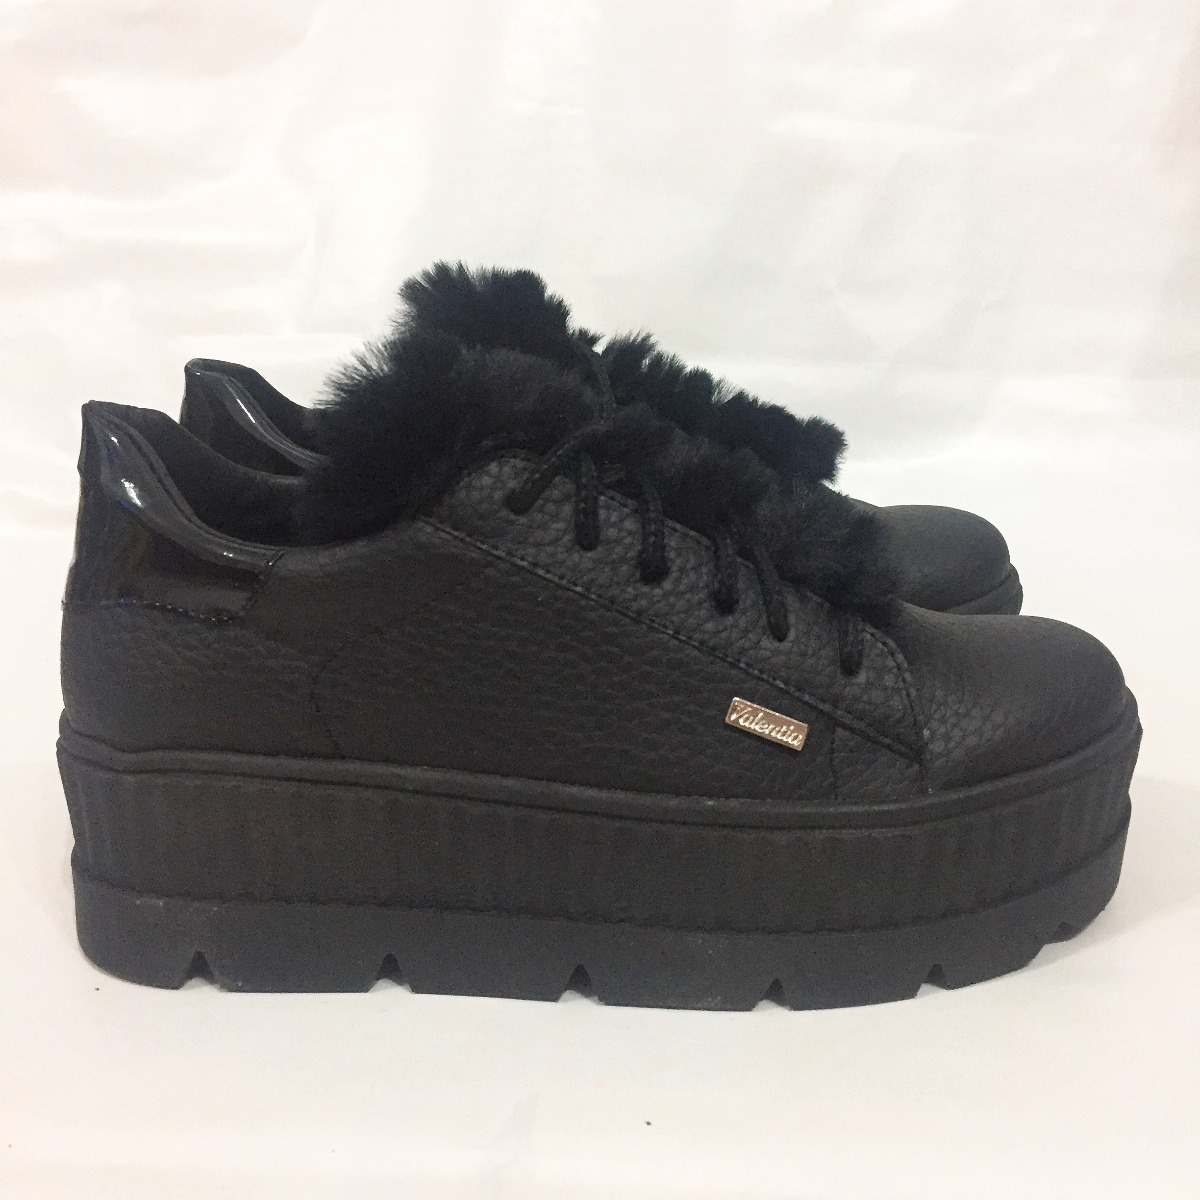 563f82eed4d zapatillas plataforma alta mujer peluche - moda 2018. Cargando zoom.